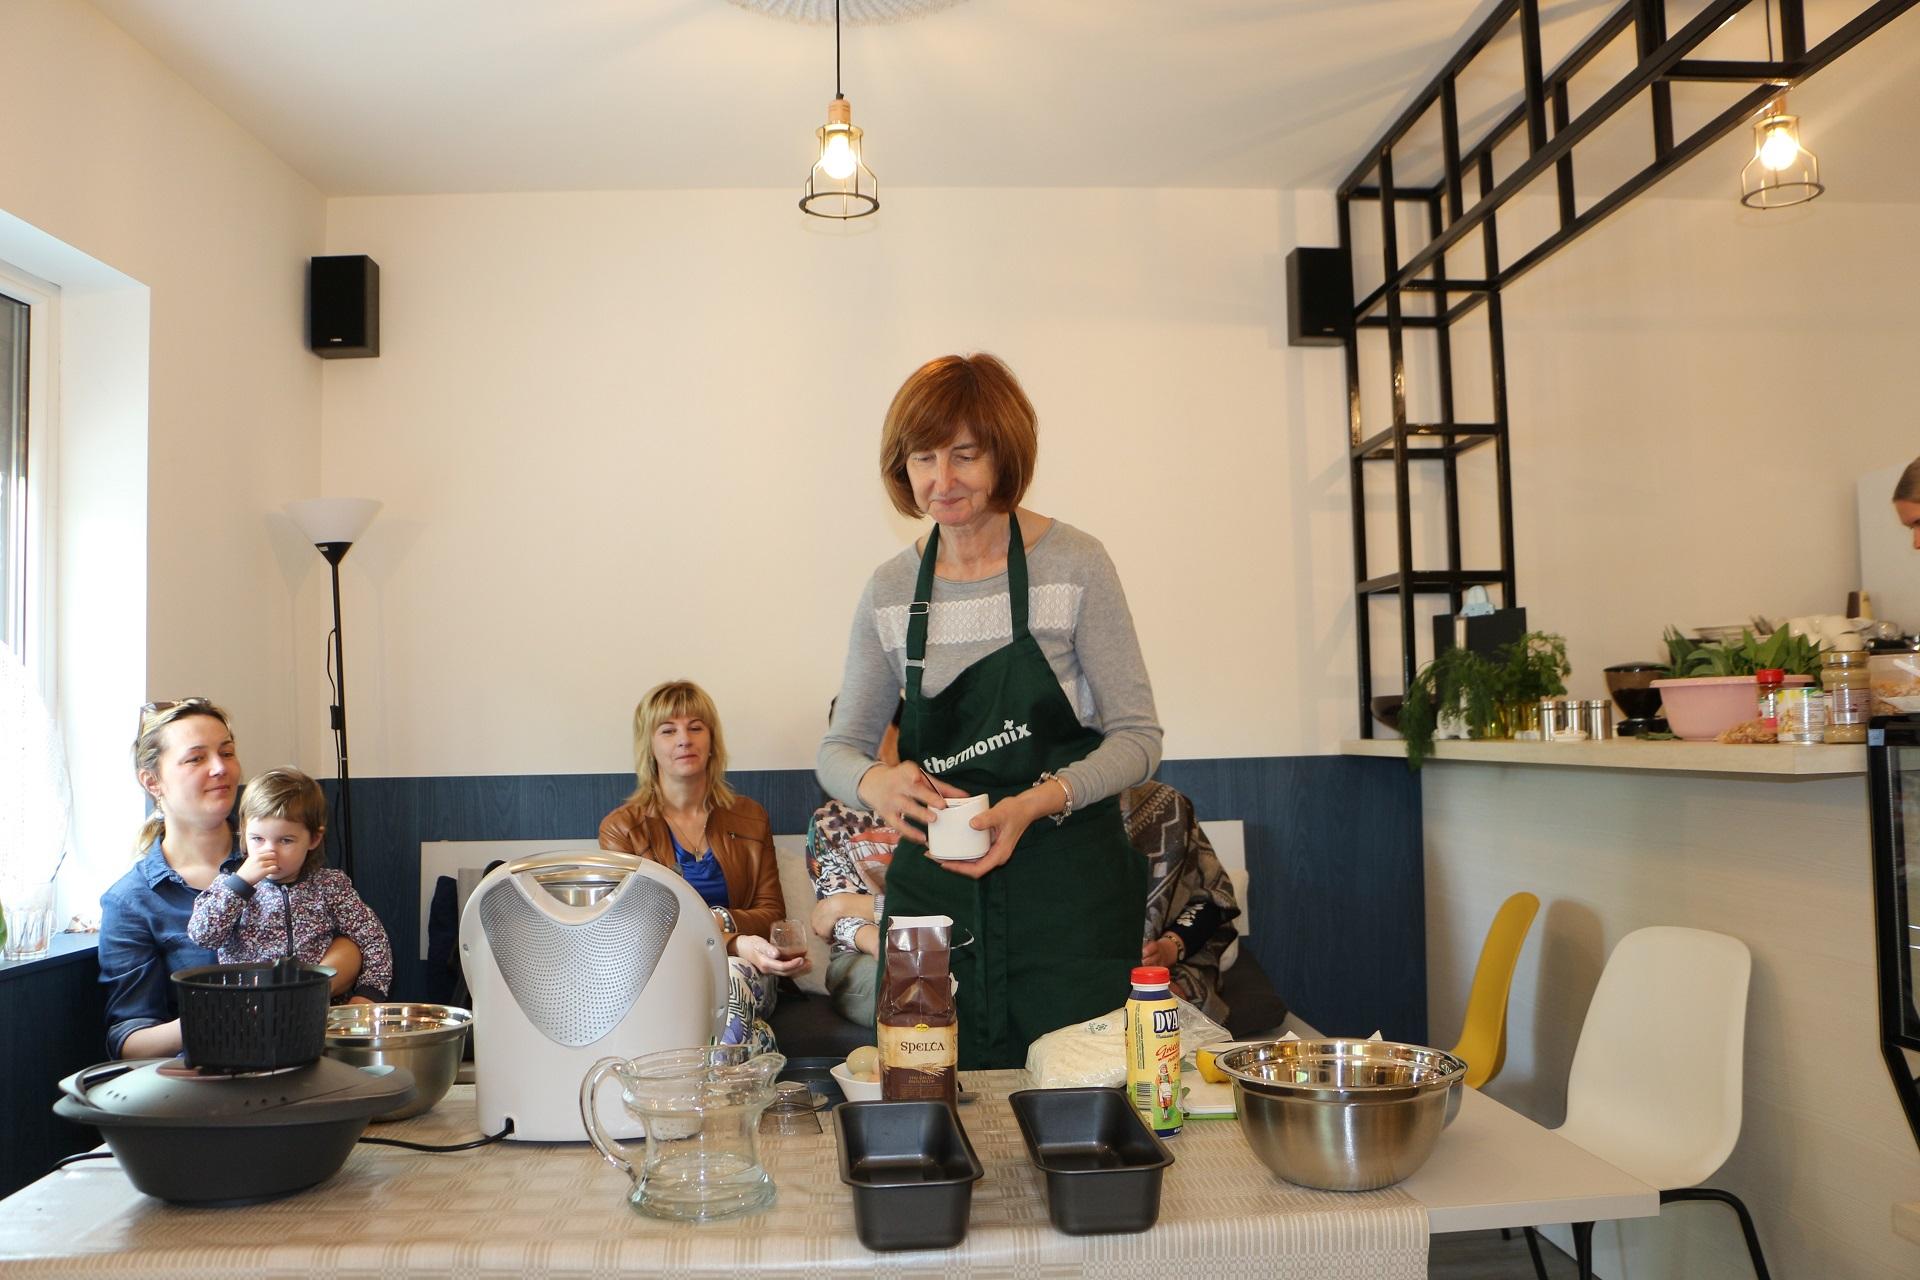 Regina Danauskaitė bendruomenės moterims demonstravo išmaniojo puodo galimybes. Kelios minutės ir tobula tešla trupininiam varškės pyragui bus paruošta! Akvilės Kupčinskaitės nuotr.